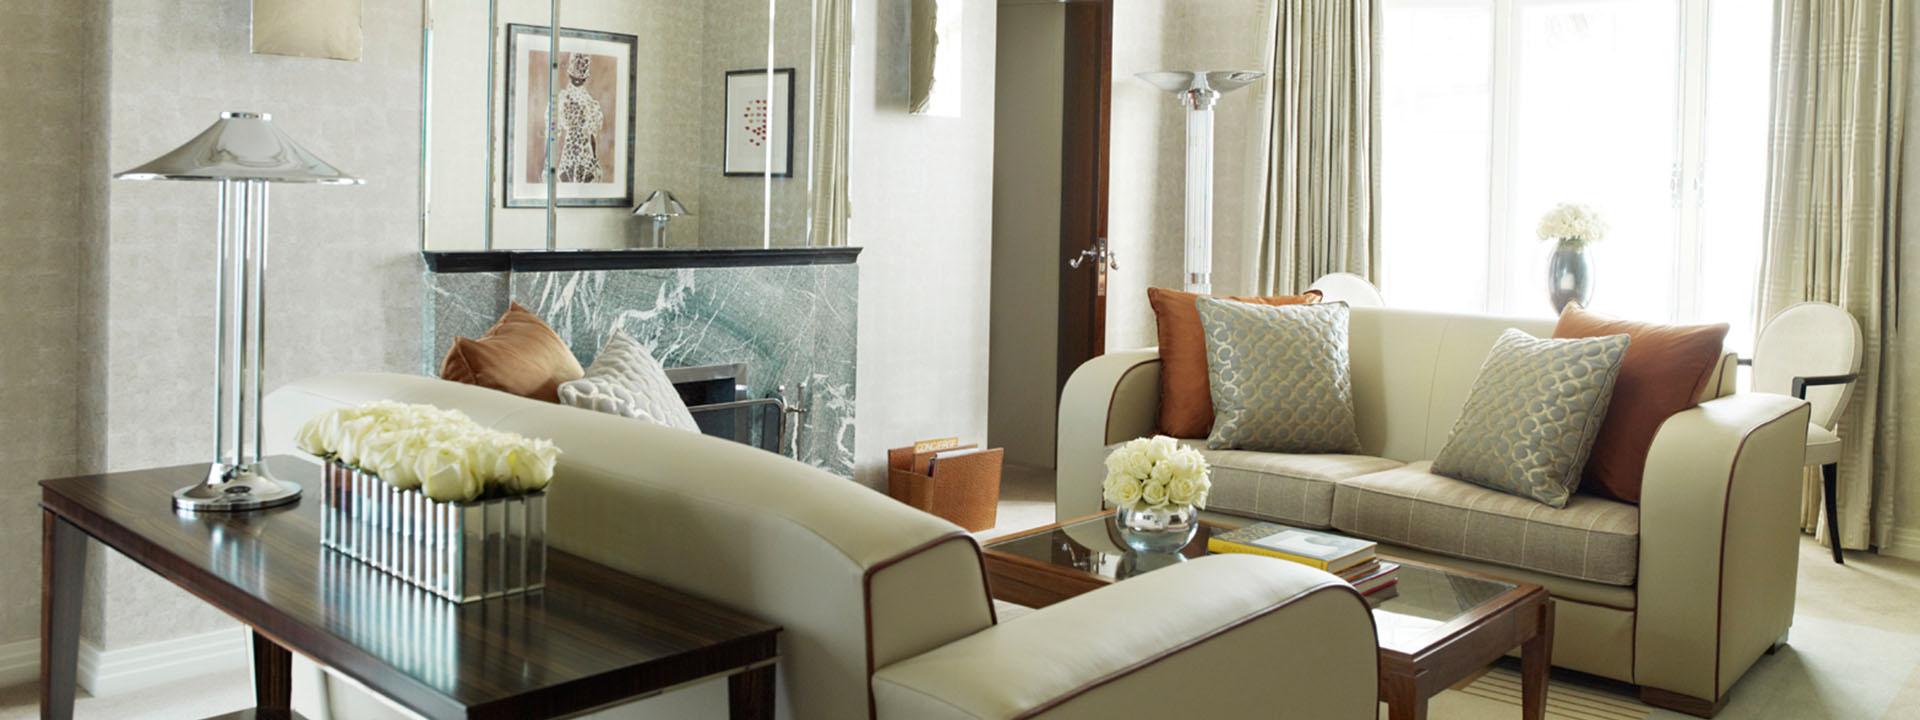 Claridge's Suite